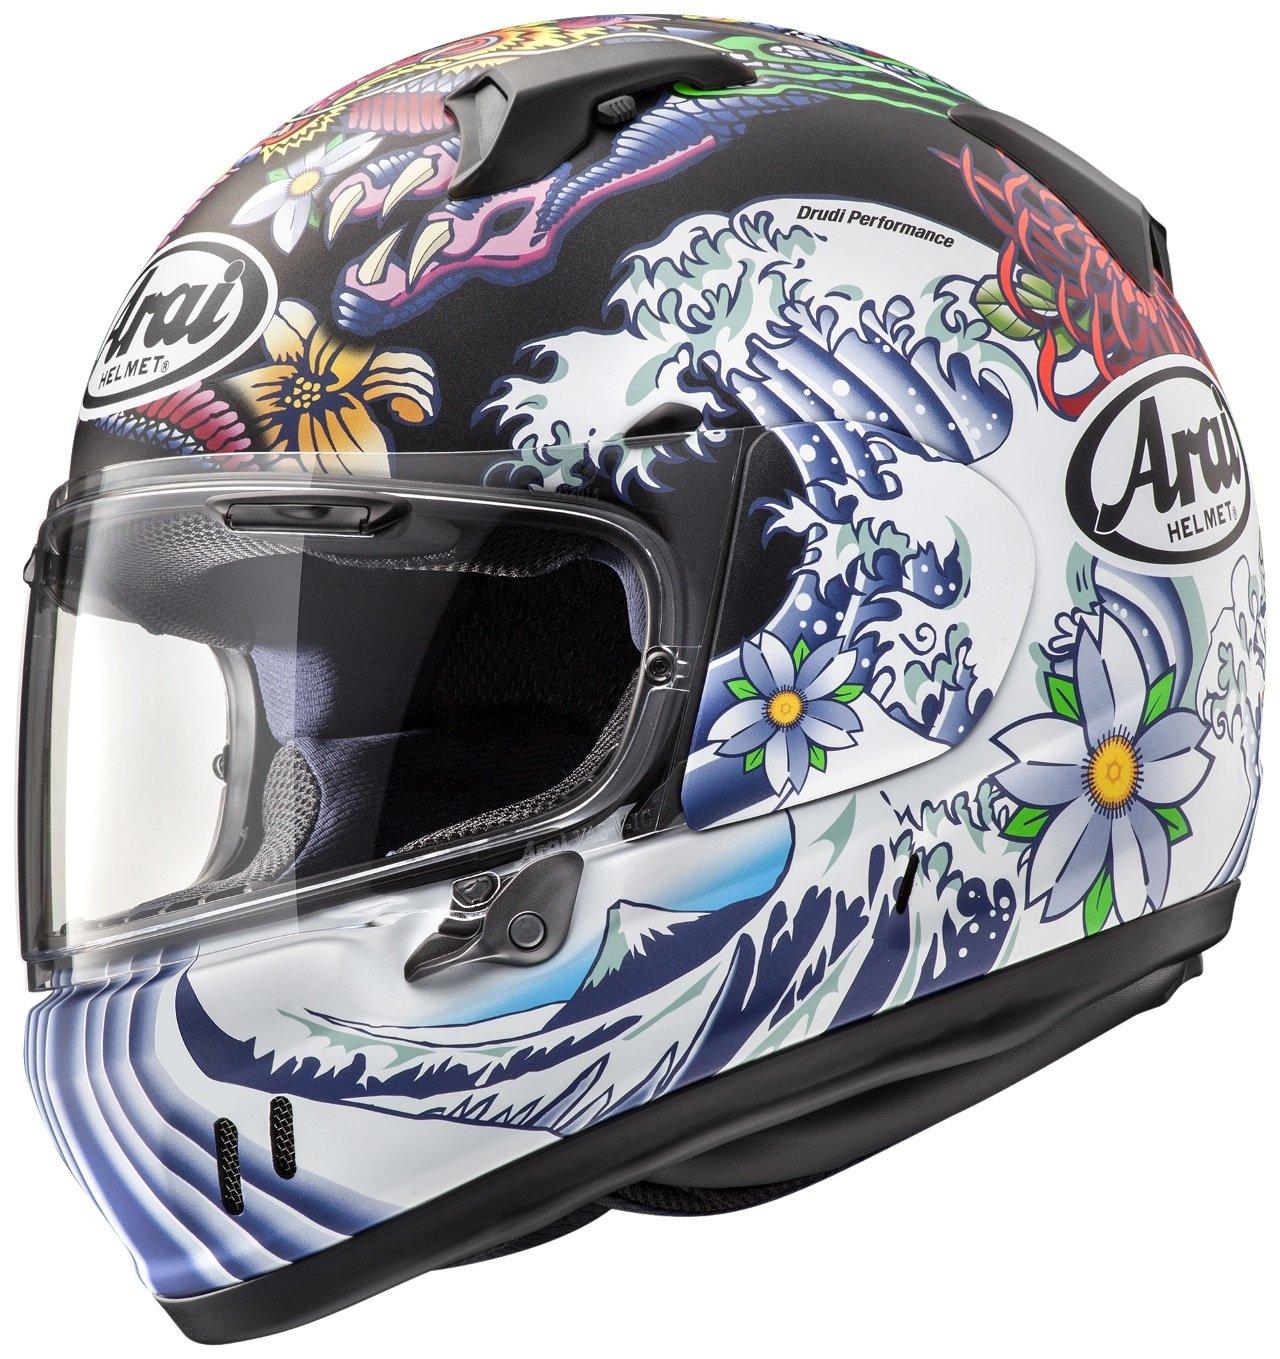 バイク用品, ヘルメット Arai XD ORIENTAL XL(61-62cm)